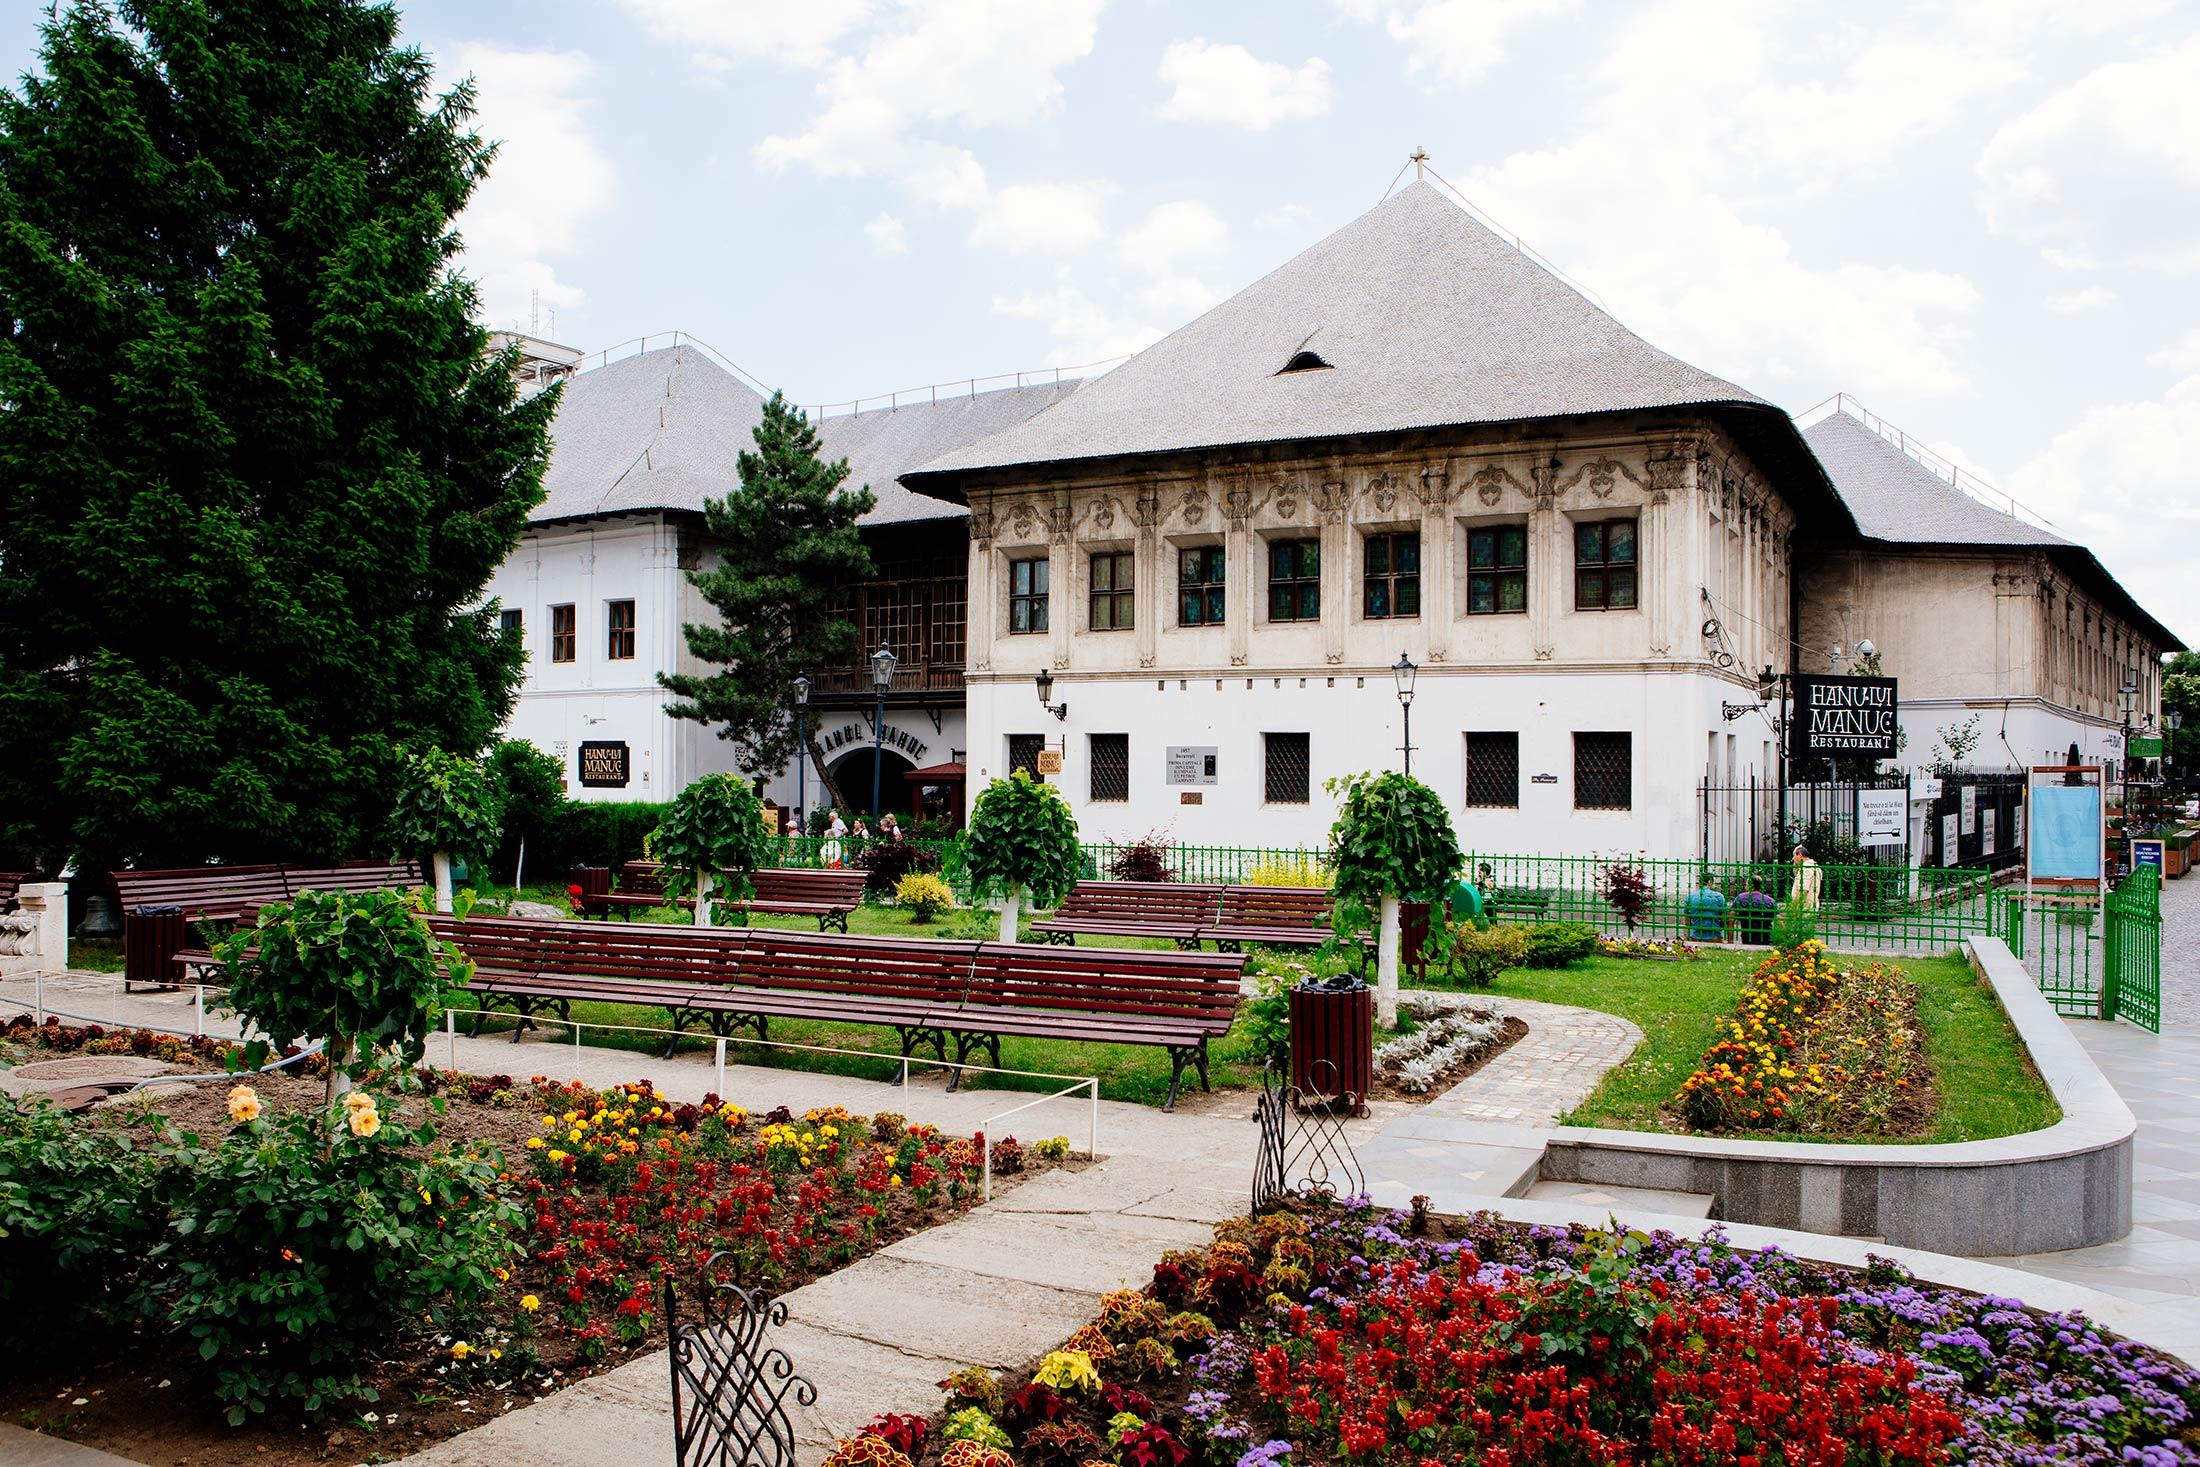 BKR_Bukarest_01-Mitja_Schneehage